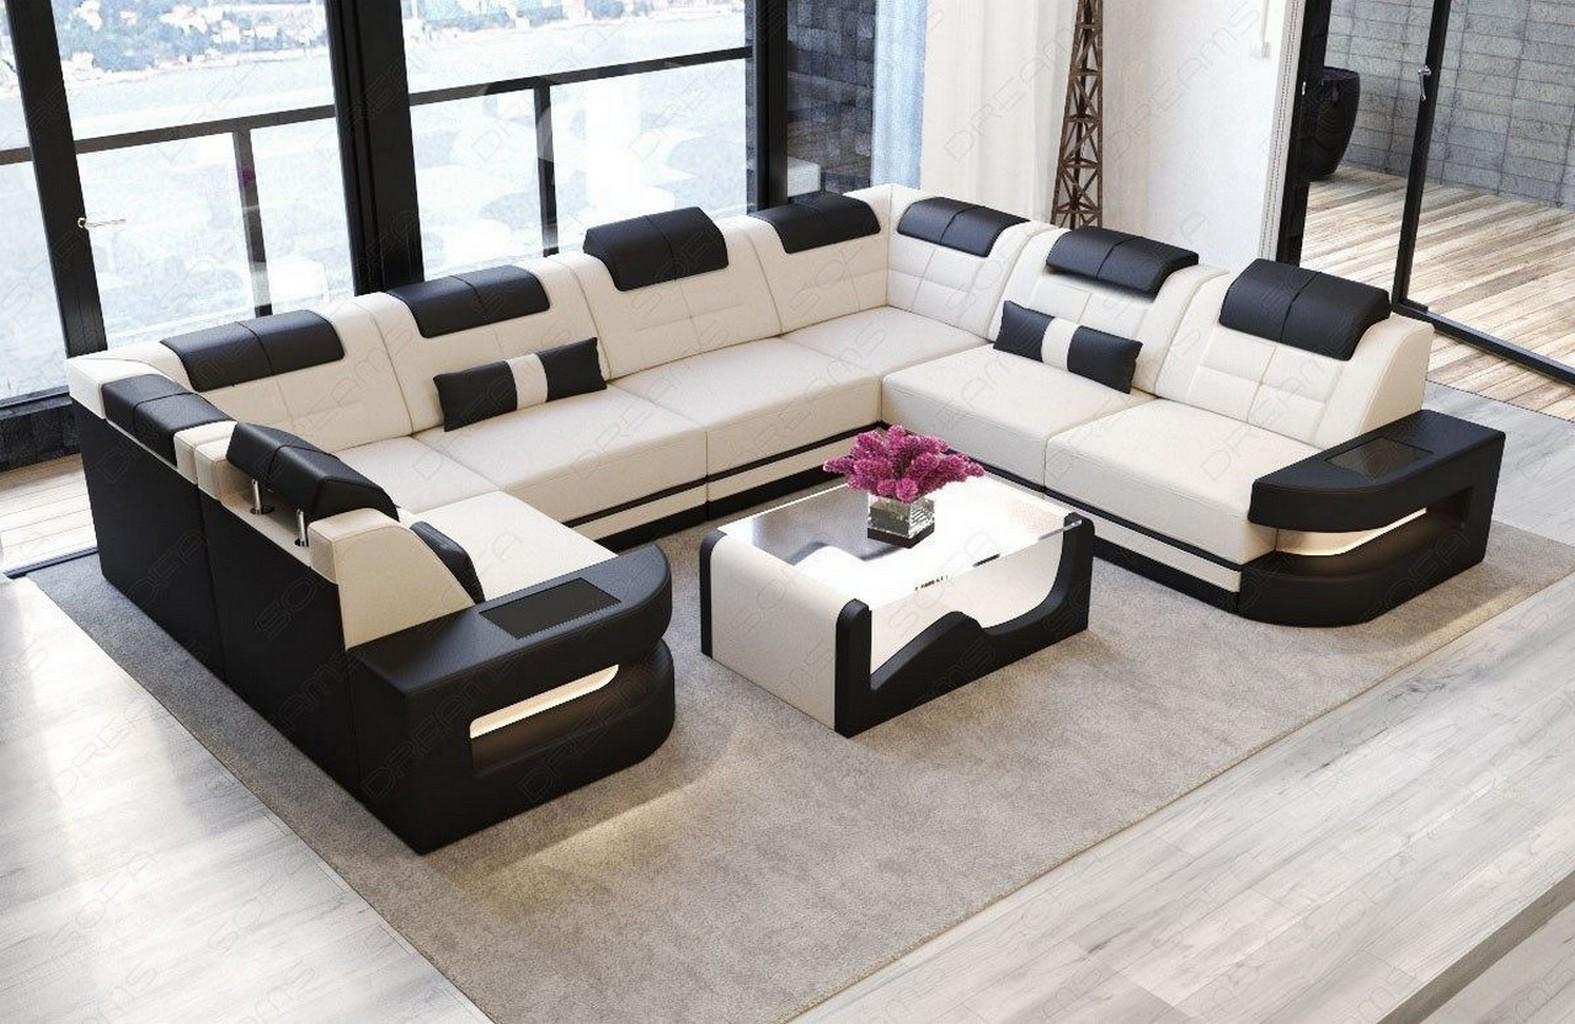 Designer relax luxus couch ecksofa wohnlandschaft como u for Luxus wohnlandschaft